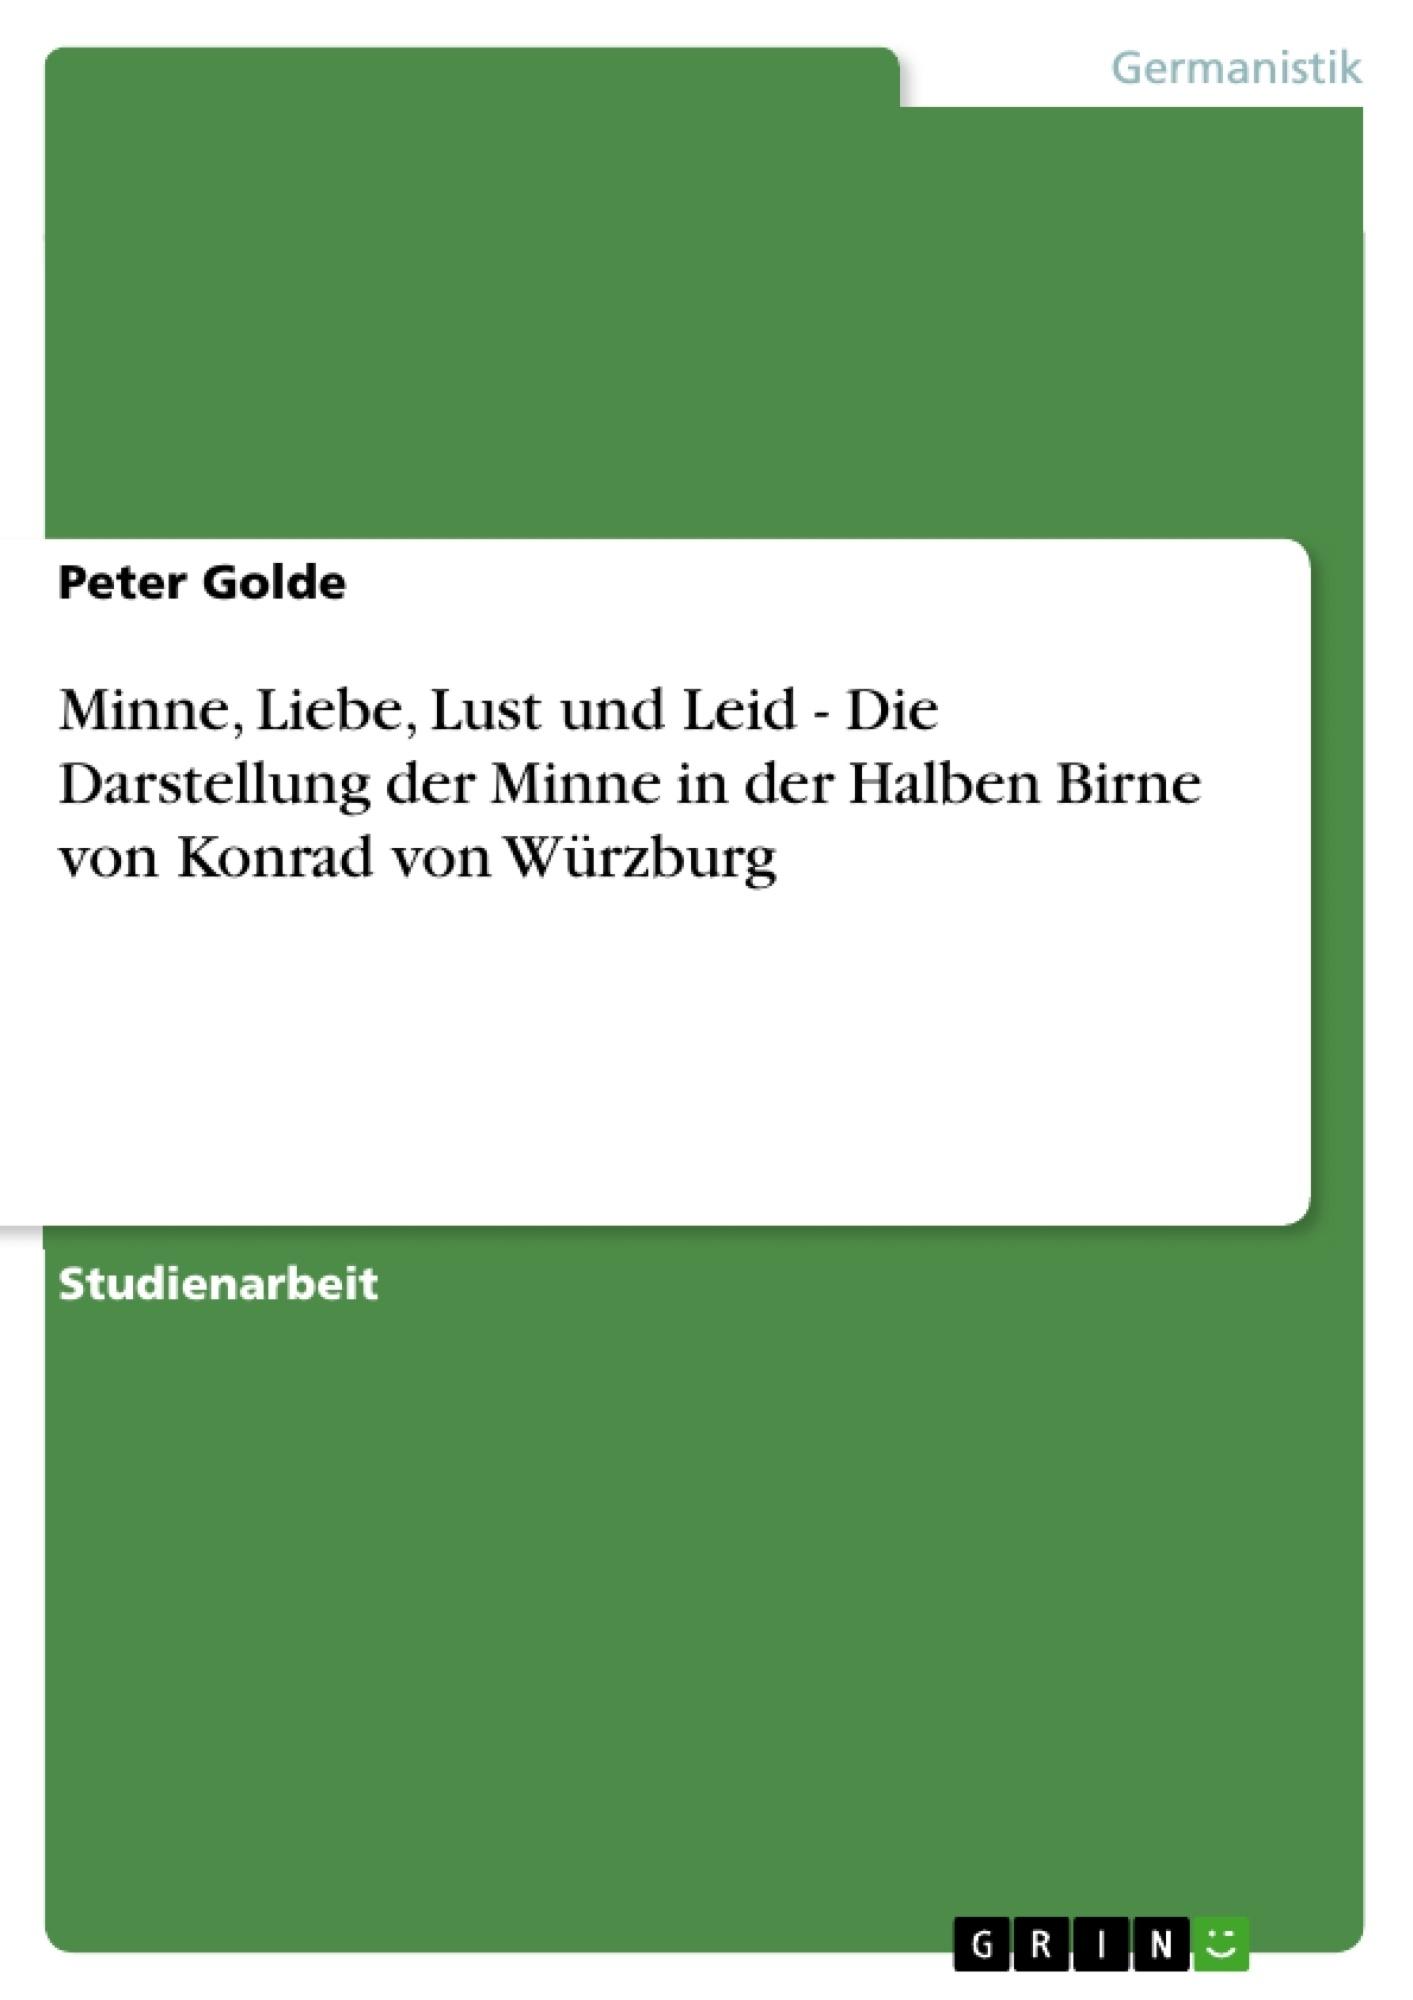 Titel: Minne, Liebe, Lust und Leid - Die Darstellung der Minne in der Halben Birne von Konrad von Würzburg